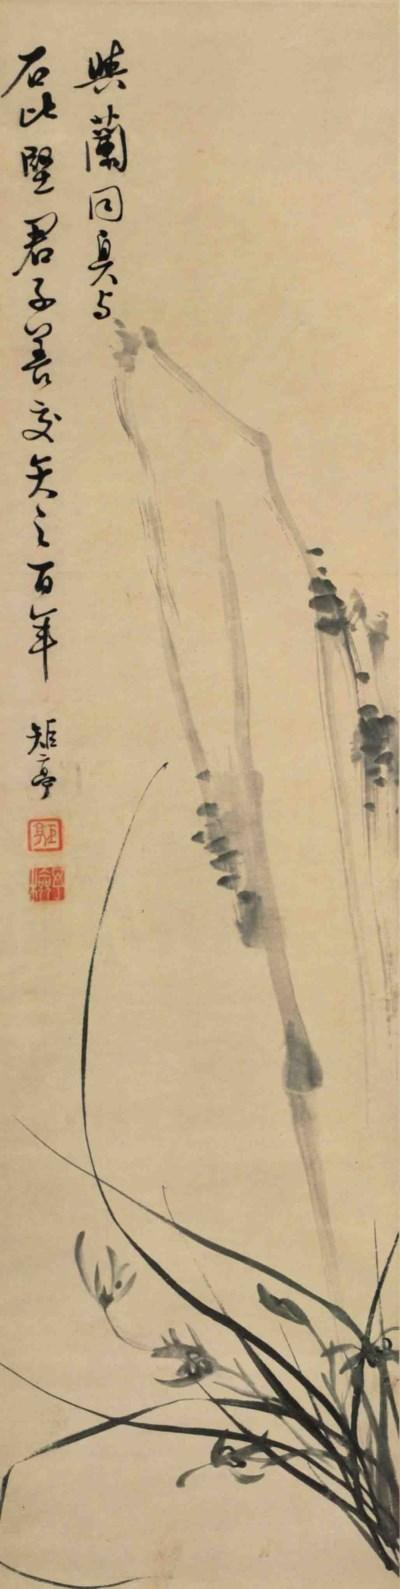 JIANG YUJIAN (FIRST HALF 19TH